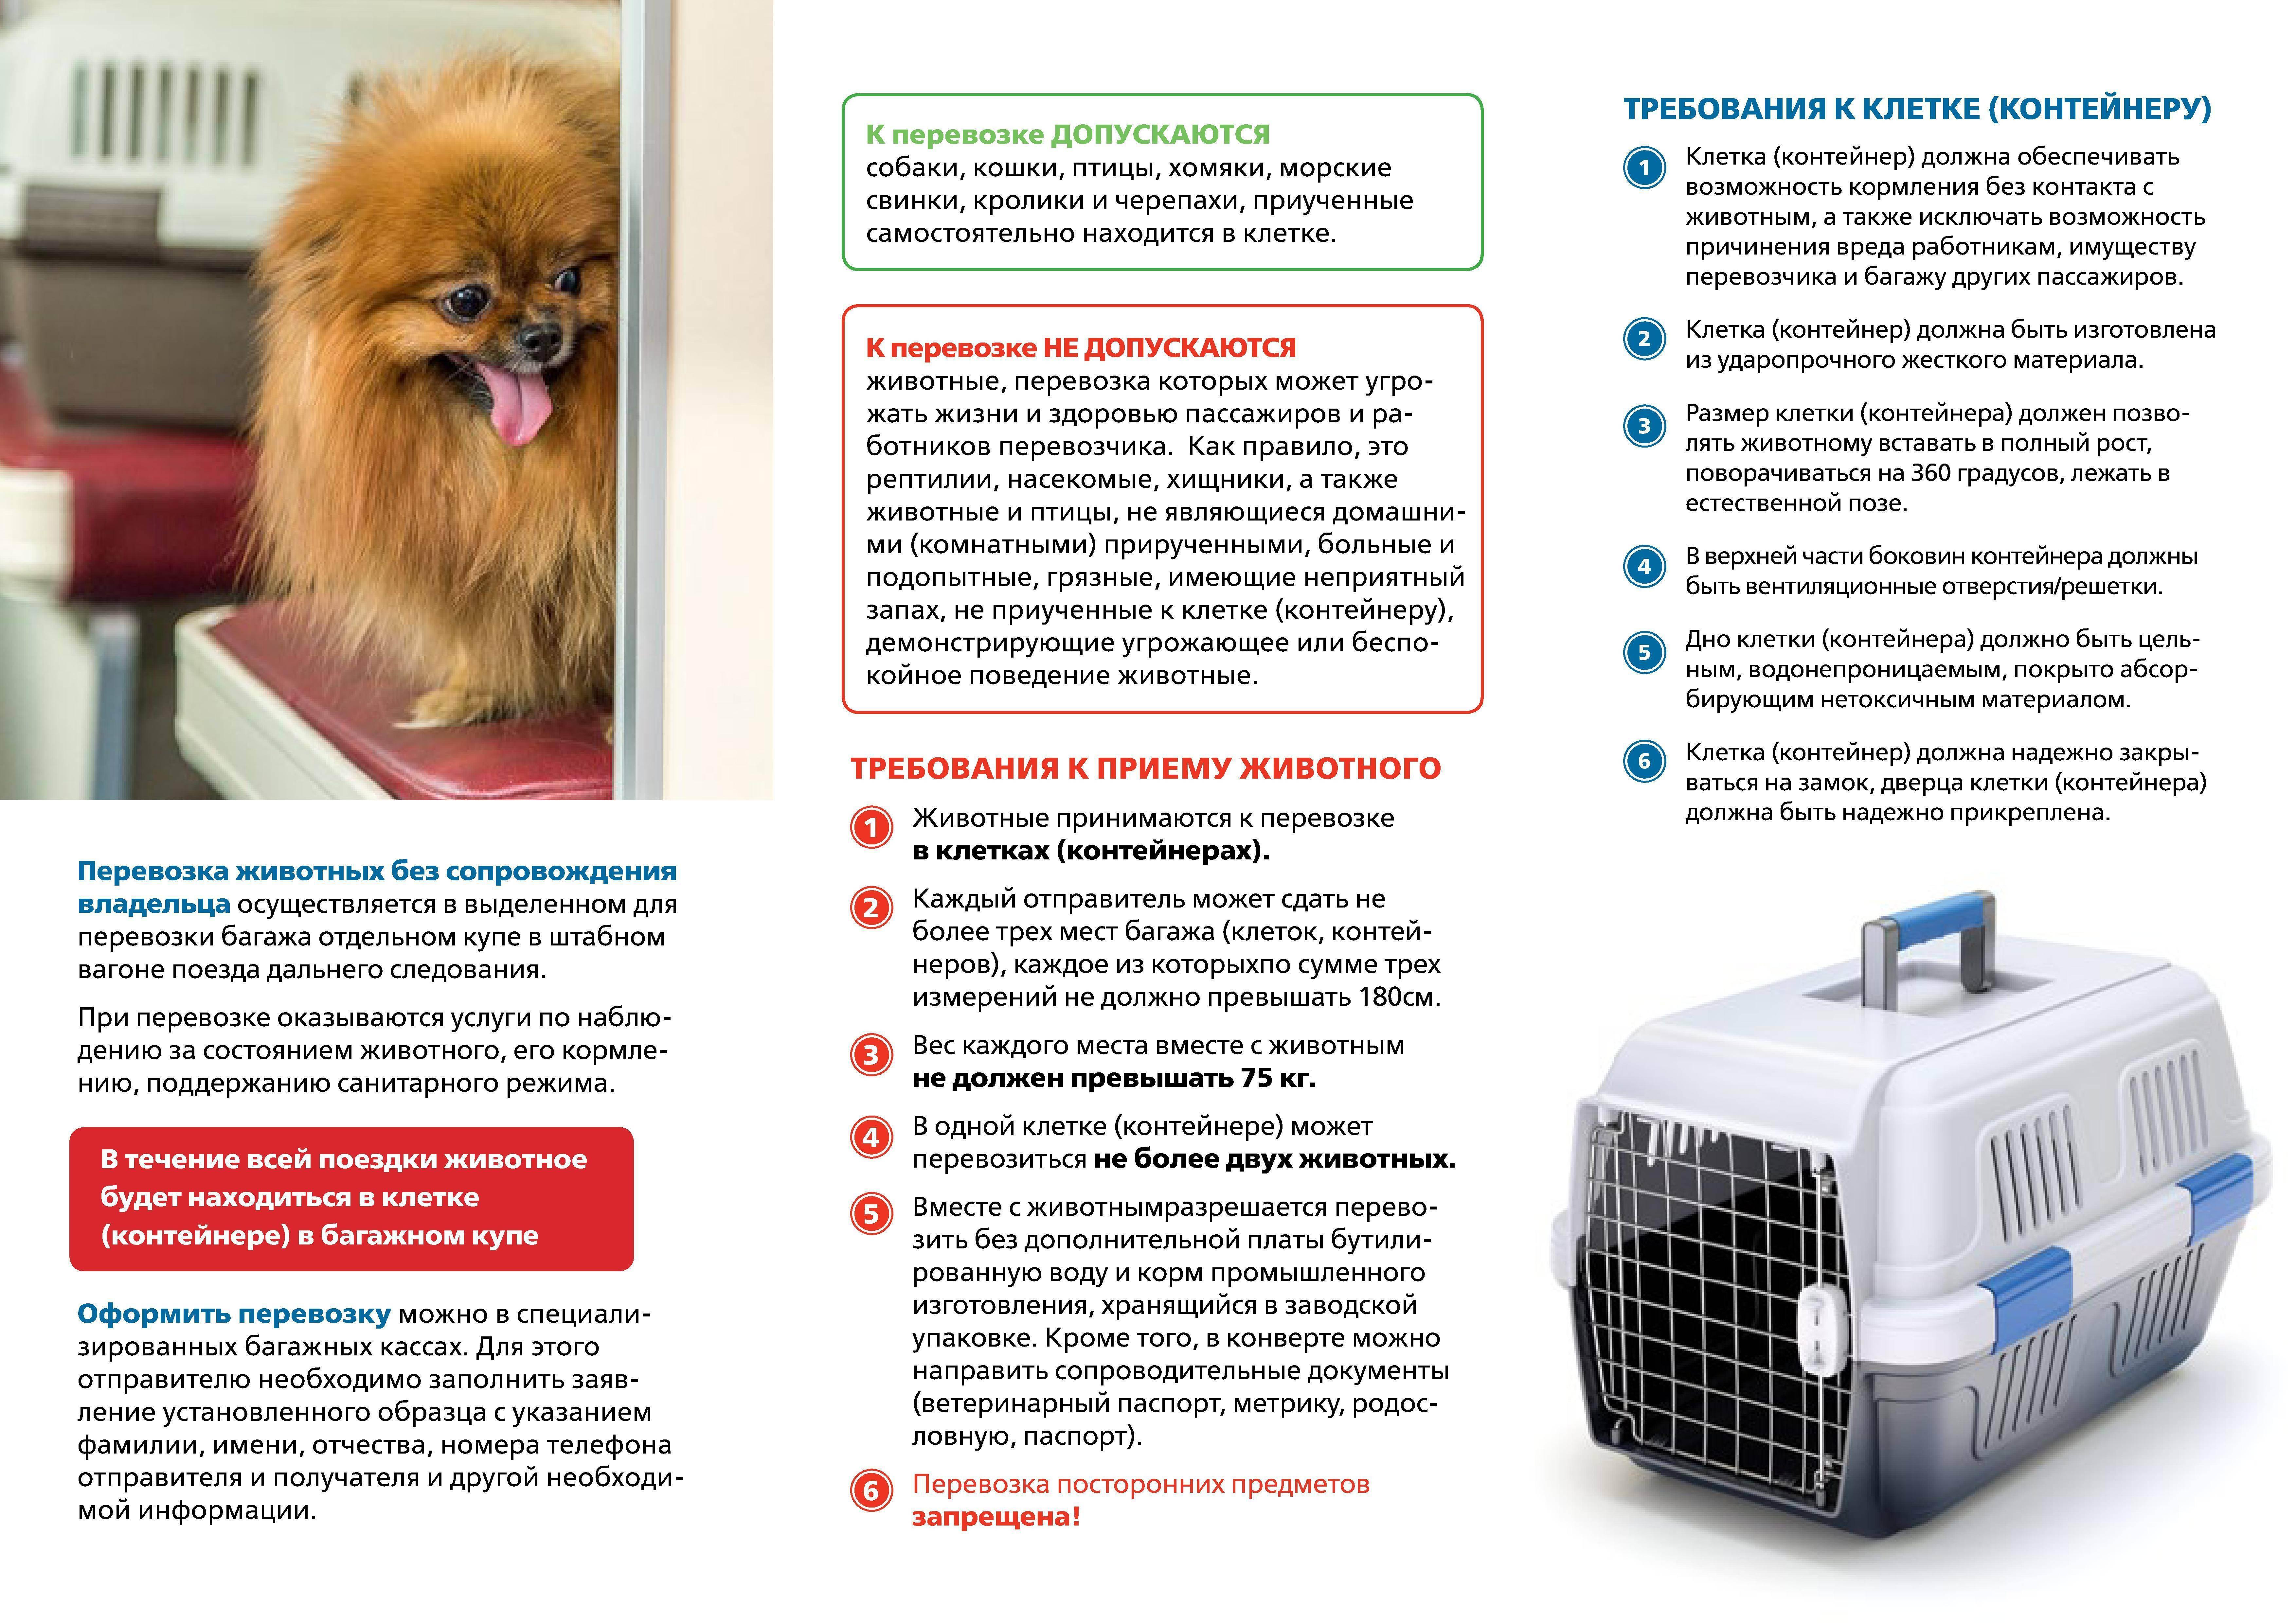 Правила перевозки кошек:: как перевезти кошку самолетом, поездом и на машине